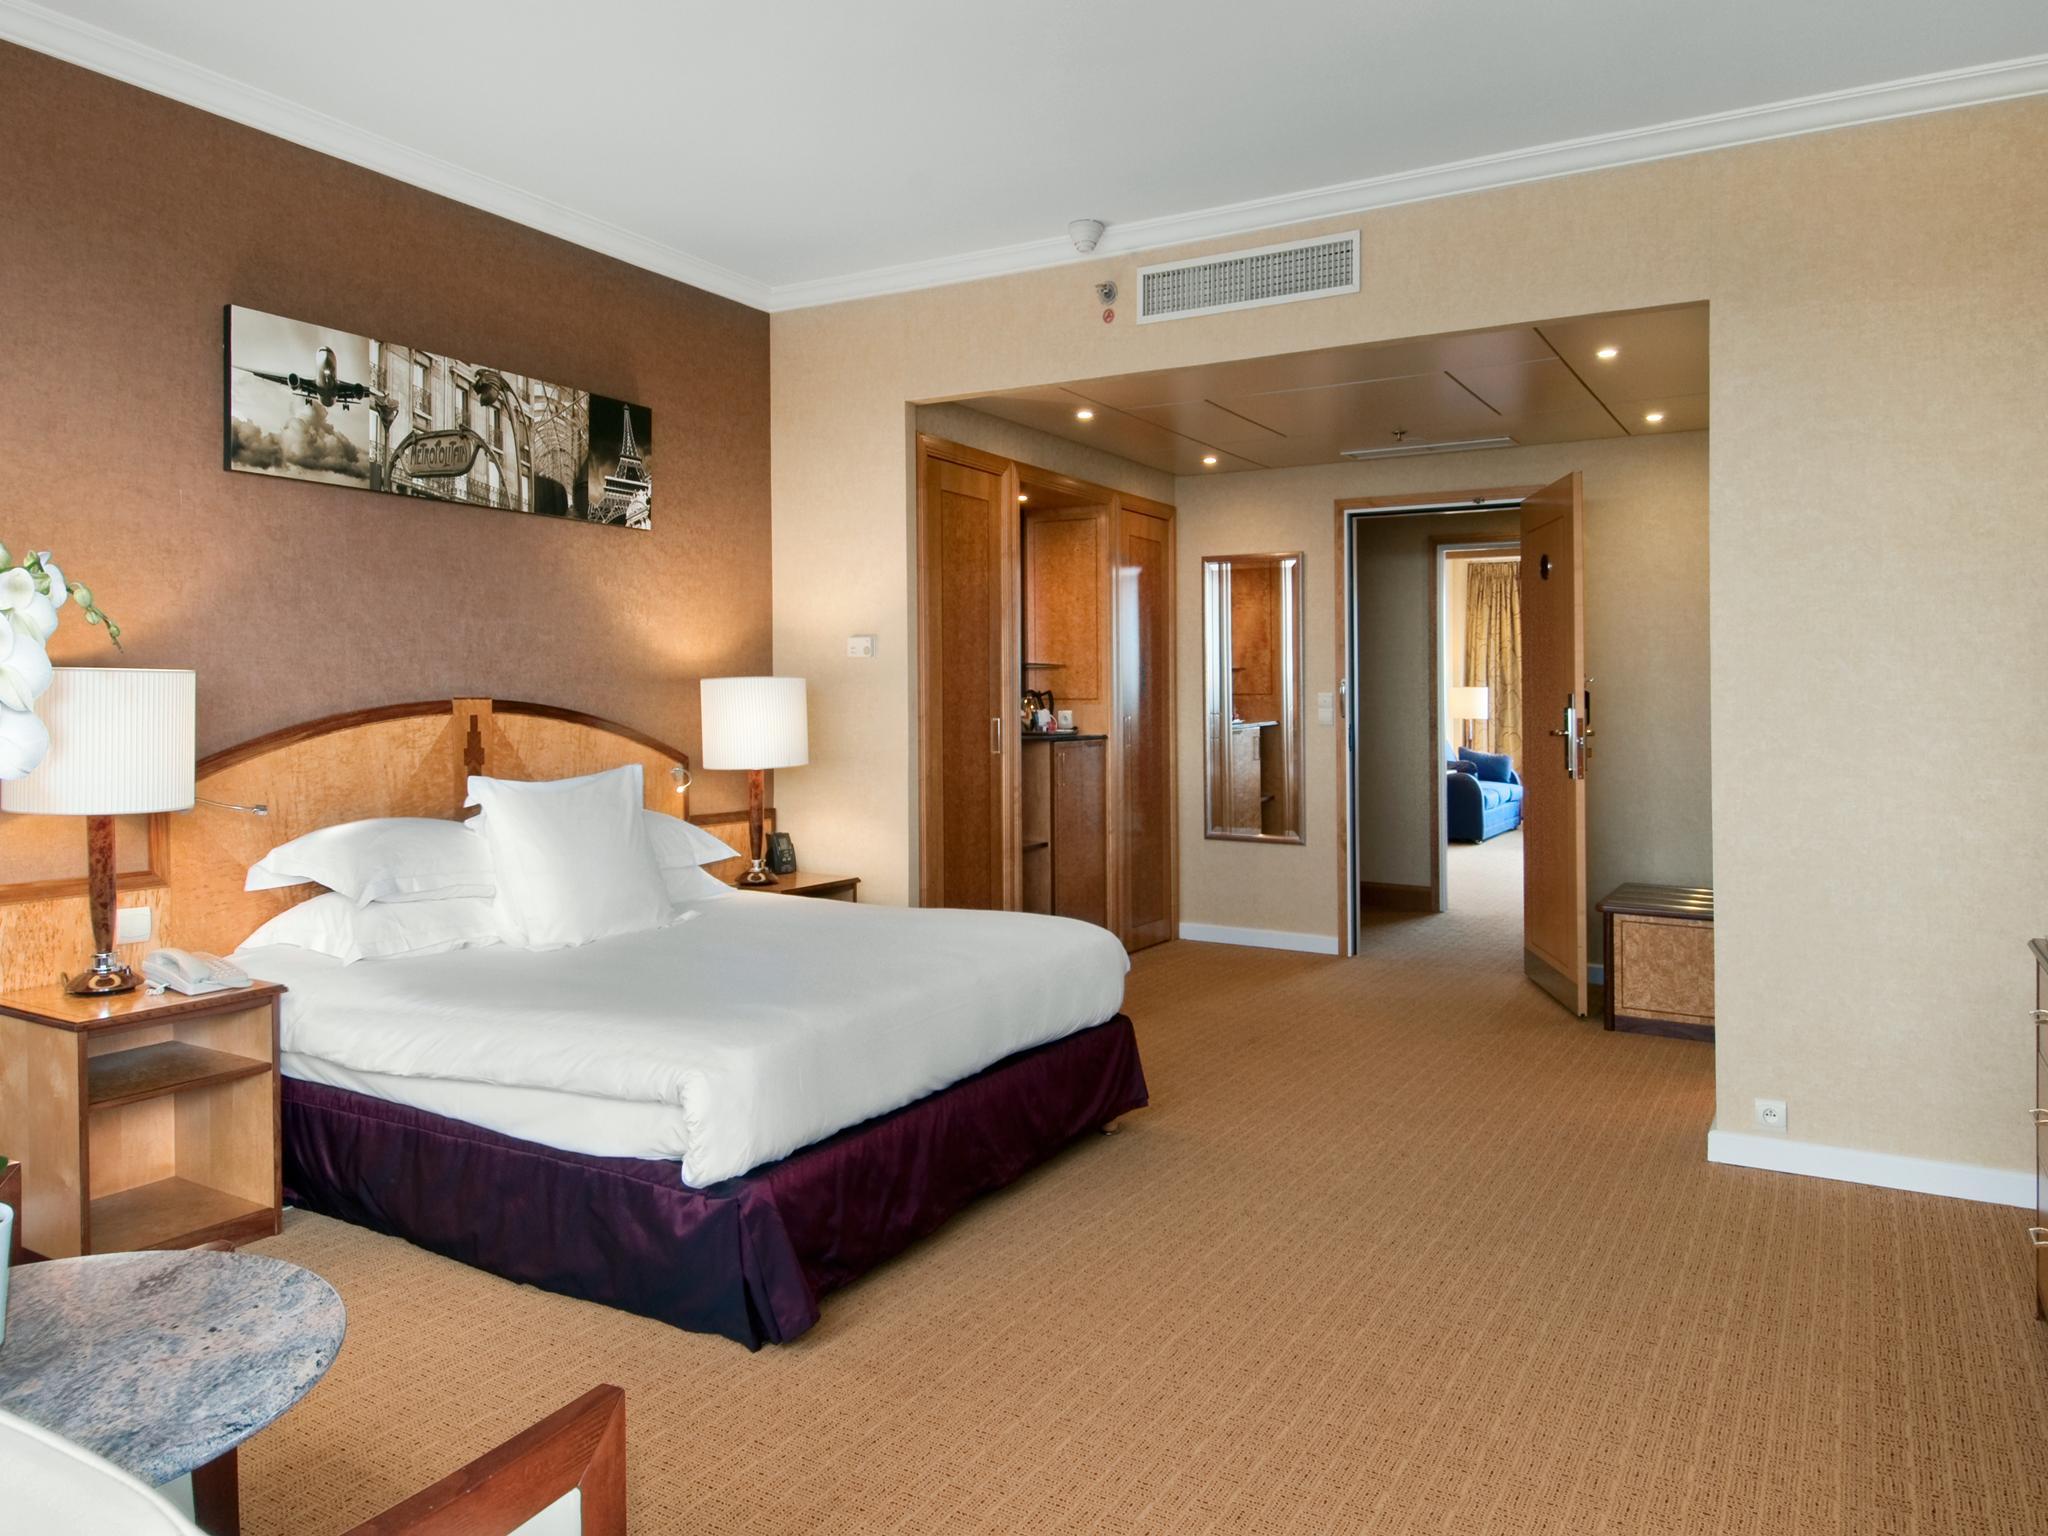 hilton hotels resorts france. Black Bedroom Furniture Sets. Home Design Ideas